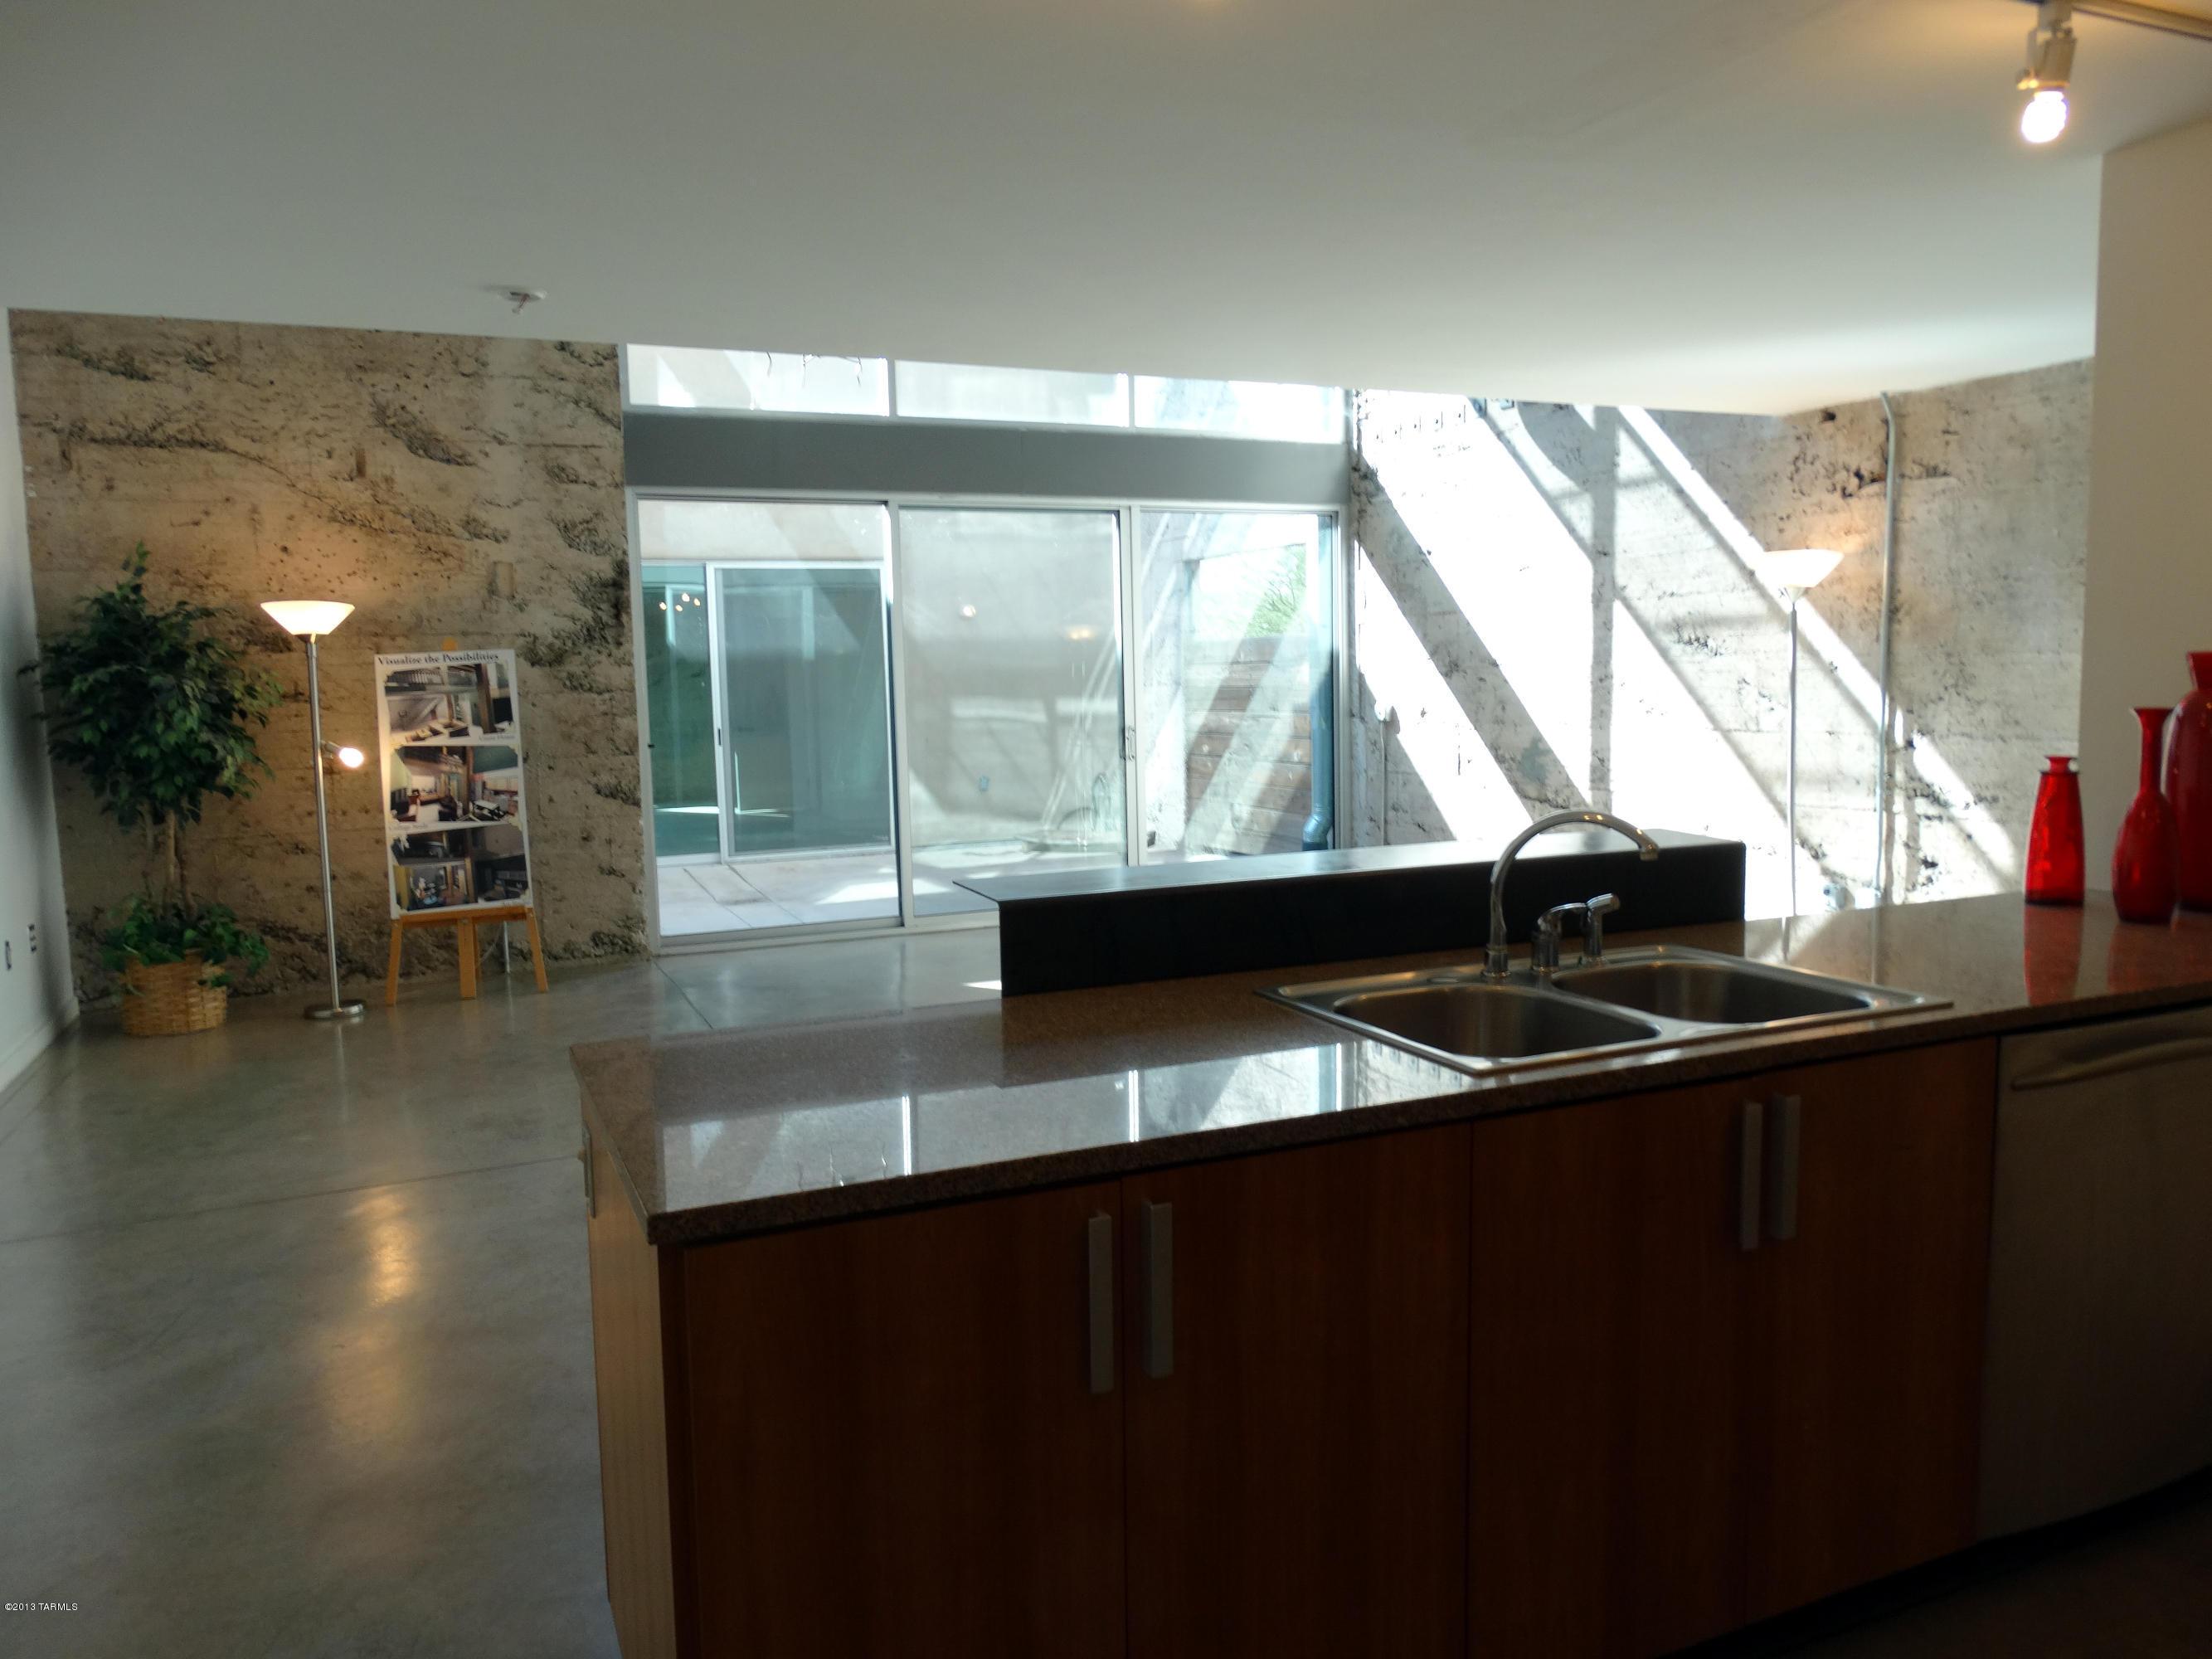 Stupendous Ice House Loft 111 Near Downtown Tucson Az Is For Sale Download Free Architecture Designs Fluibritishbridgeorg